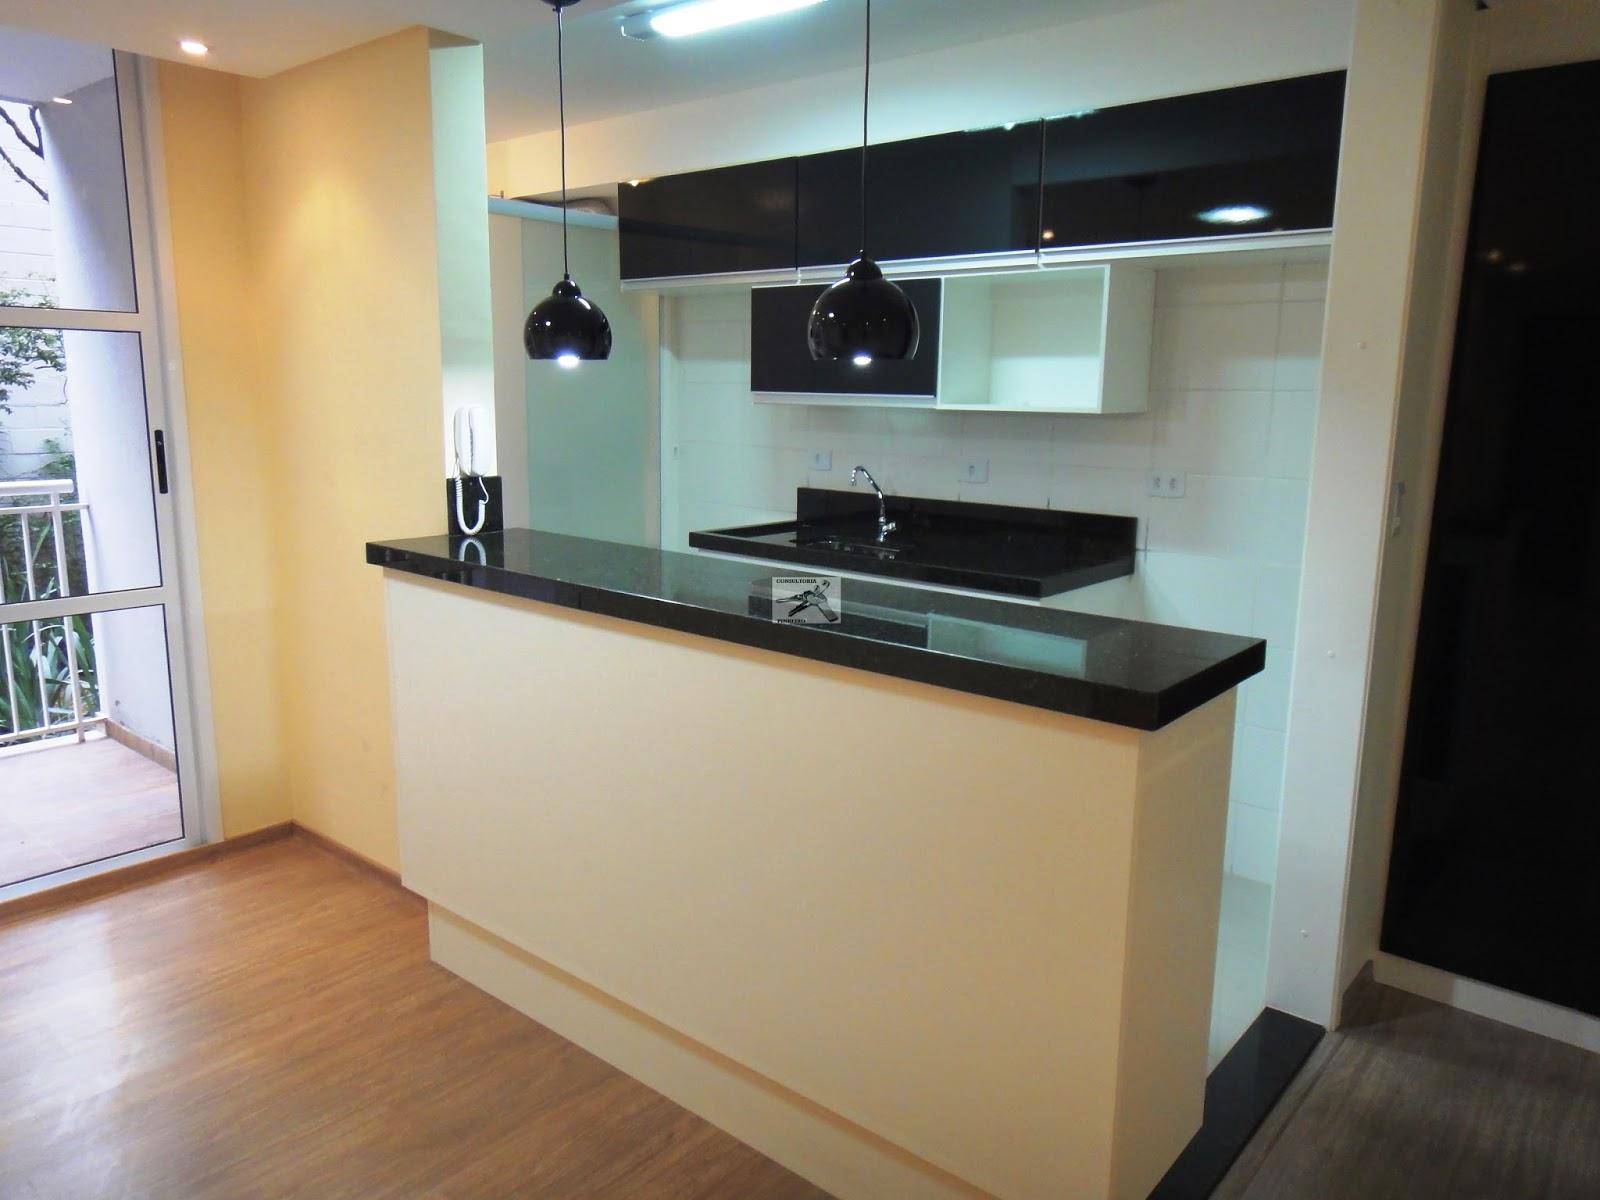 Cozinha Americana Planejada Para Apartamento Cozinha Area